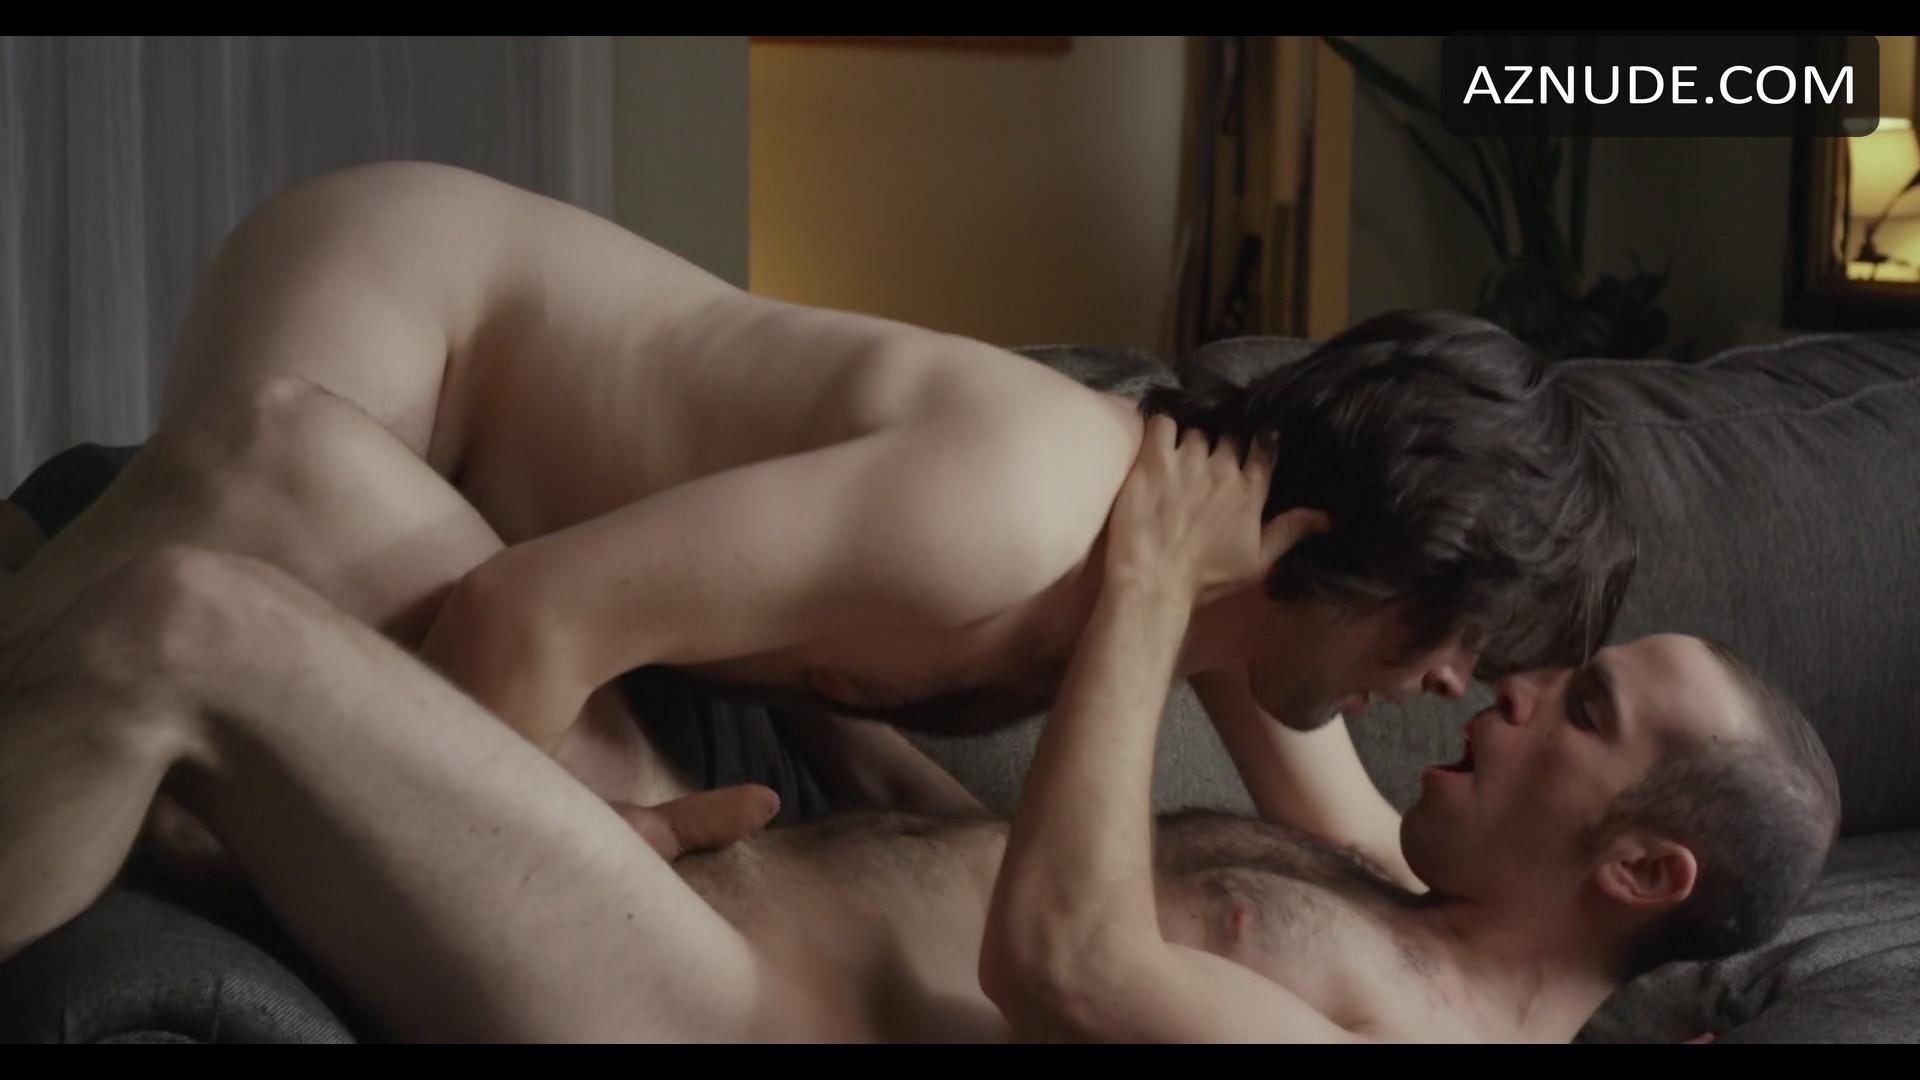 Sex  Violence Nude Scenes - Aznude Men-7350